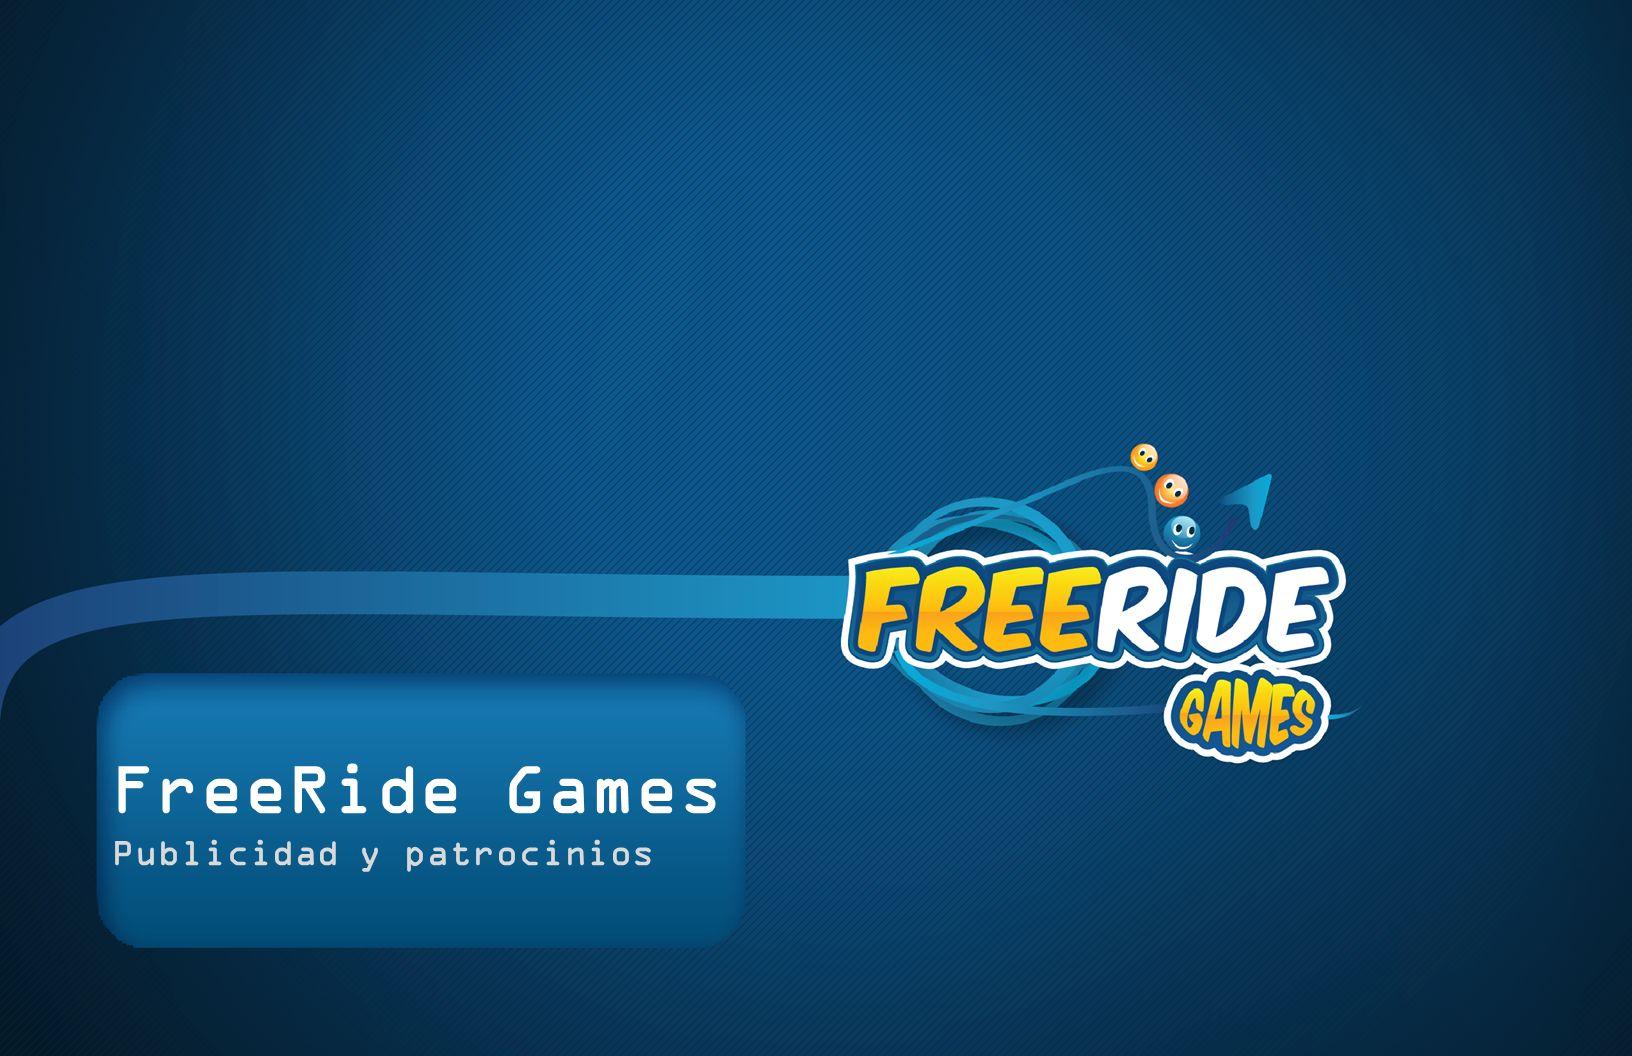 FreeRide Games Publicidad y patrocinios